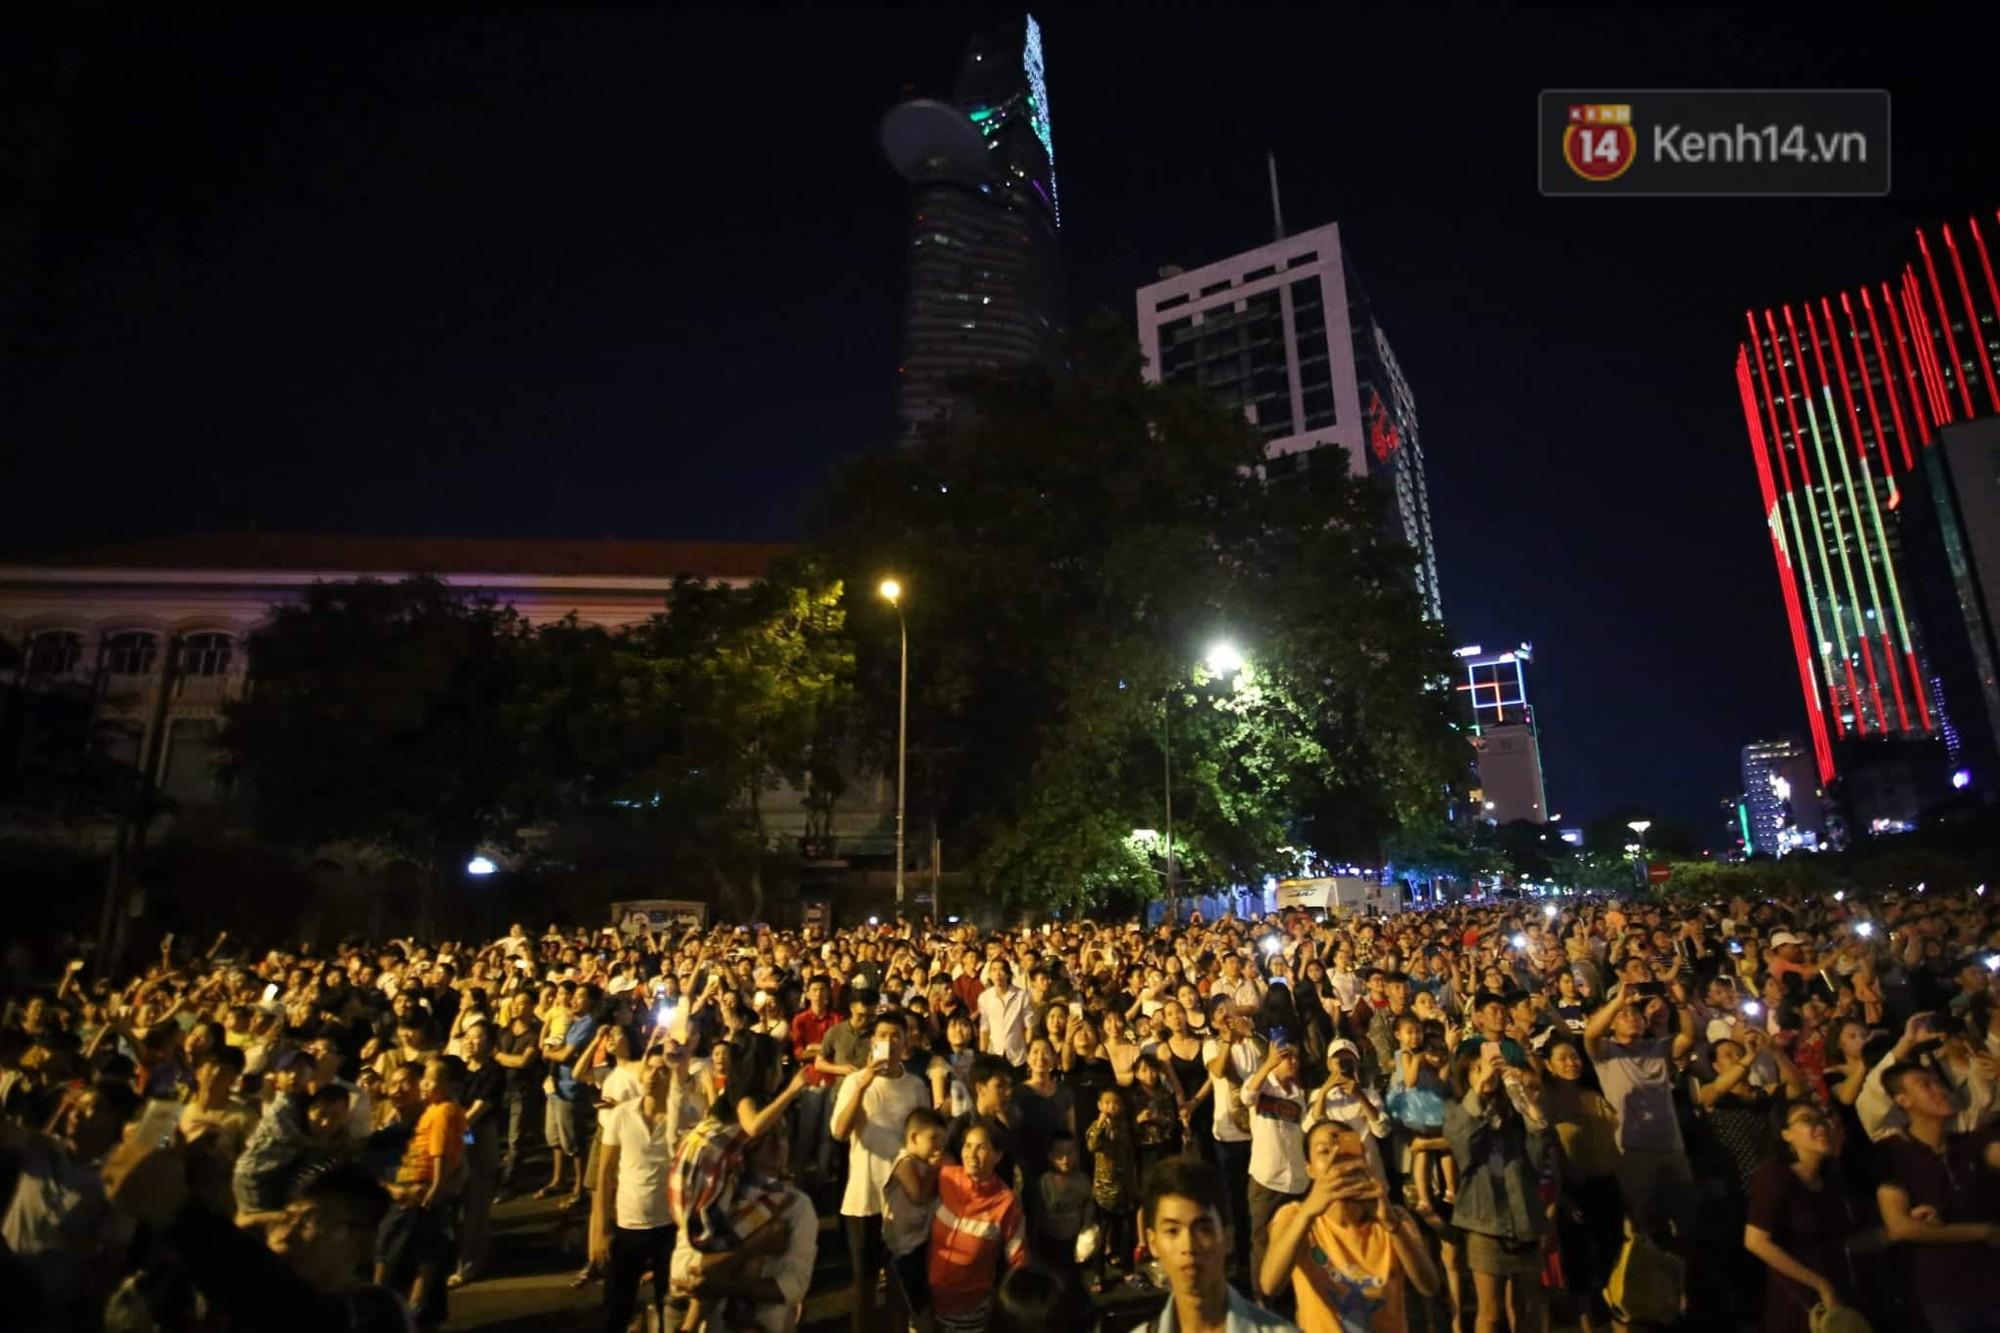 Loạt pháo hoa đẹp rực rỡ trên bầu trời Sài Gòn mừng 44 năm Giải phóng miền Nam thống nhất đất nước - Ảnh 2.